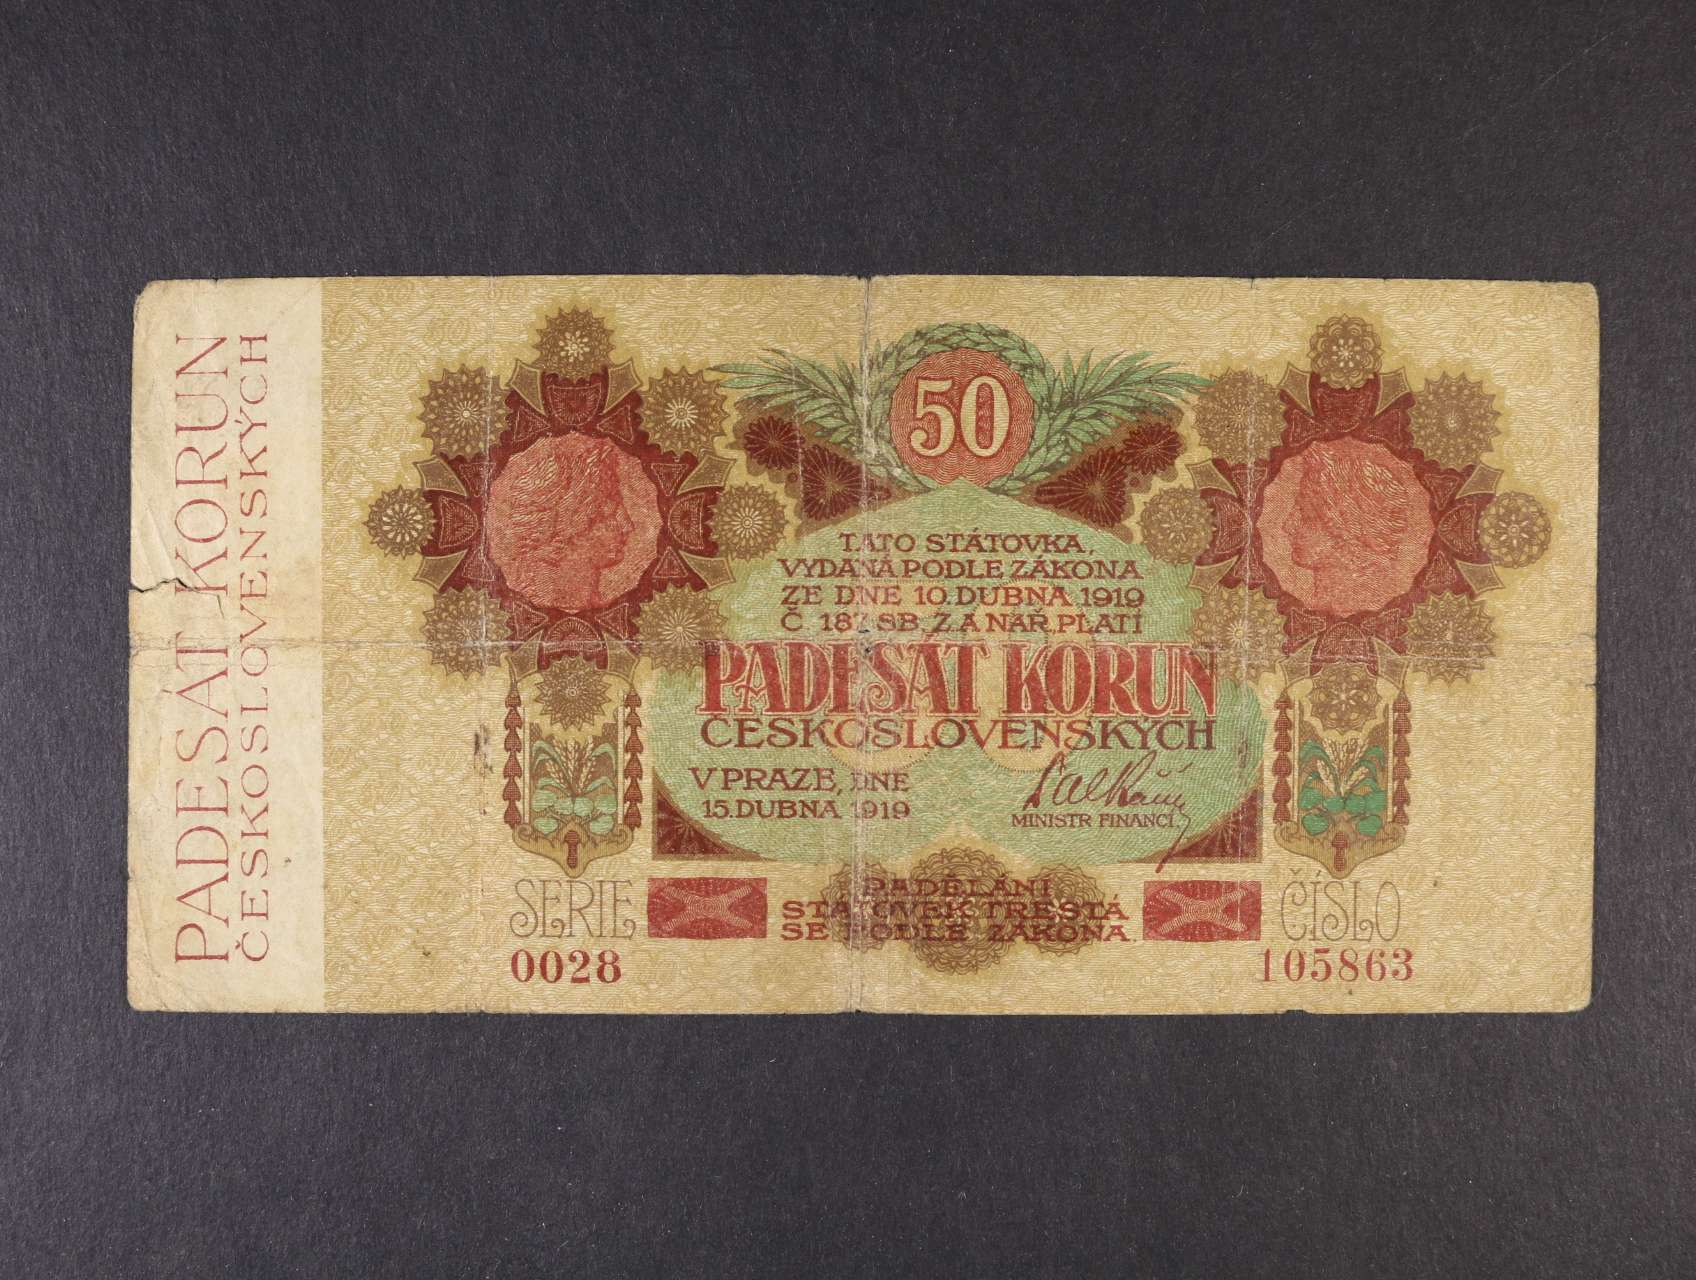 50 Kč 15.4.1919 série 0028 úzké číslice, Ba. 11a, Pi. 10a